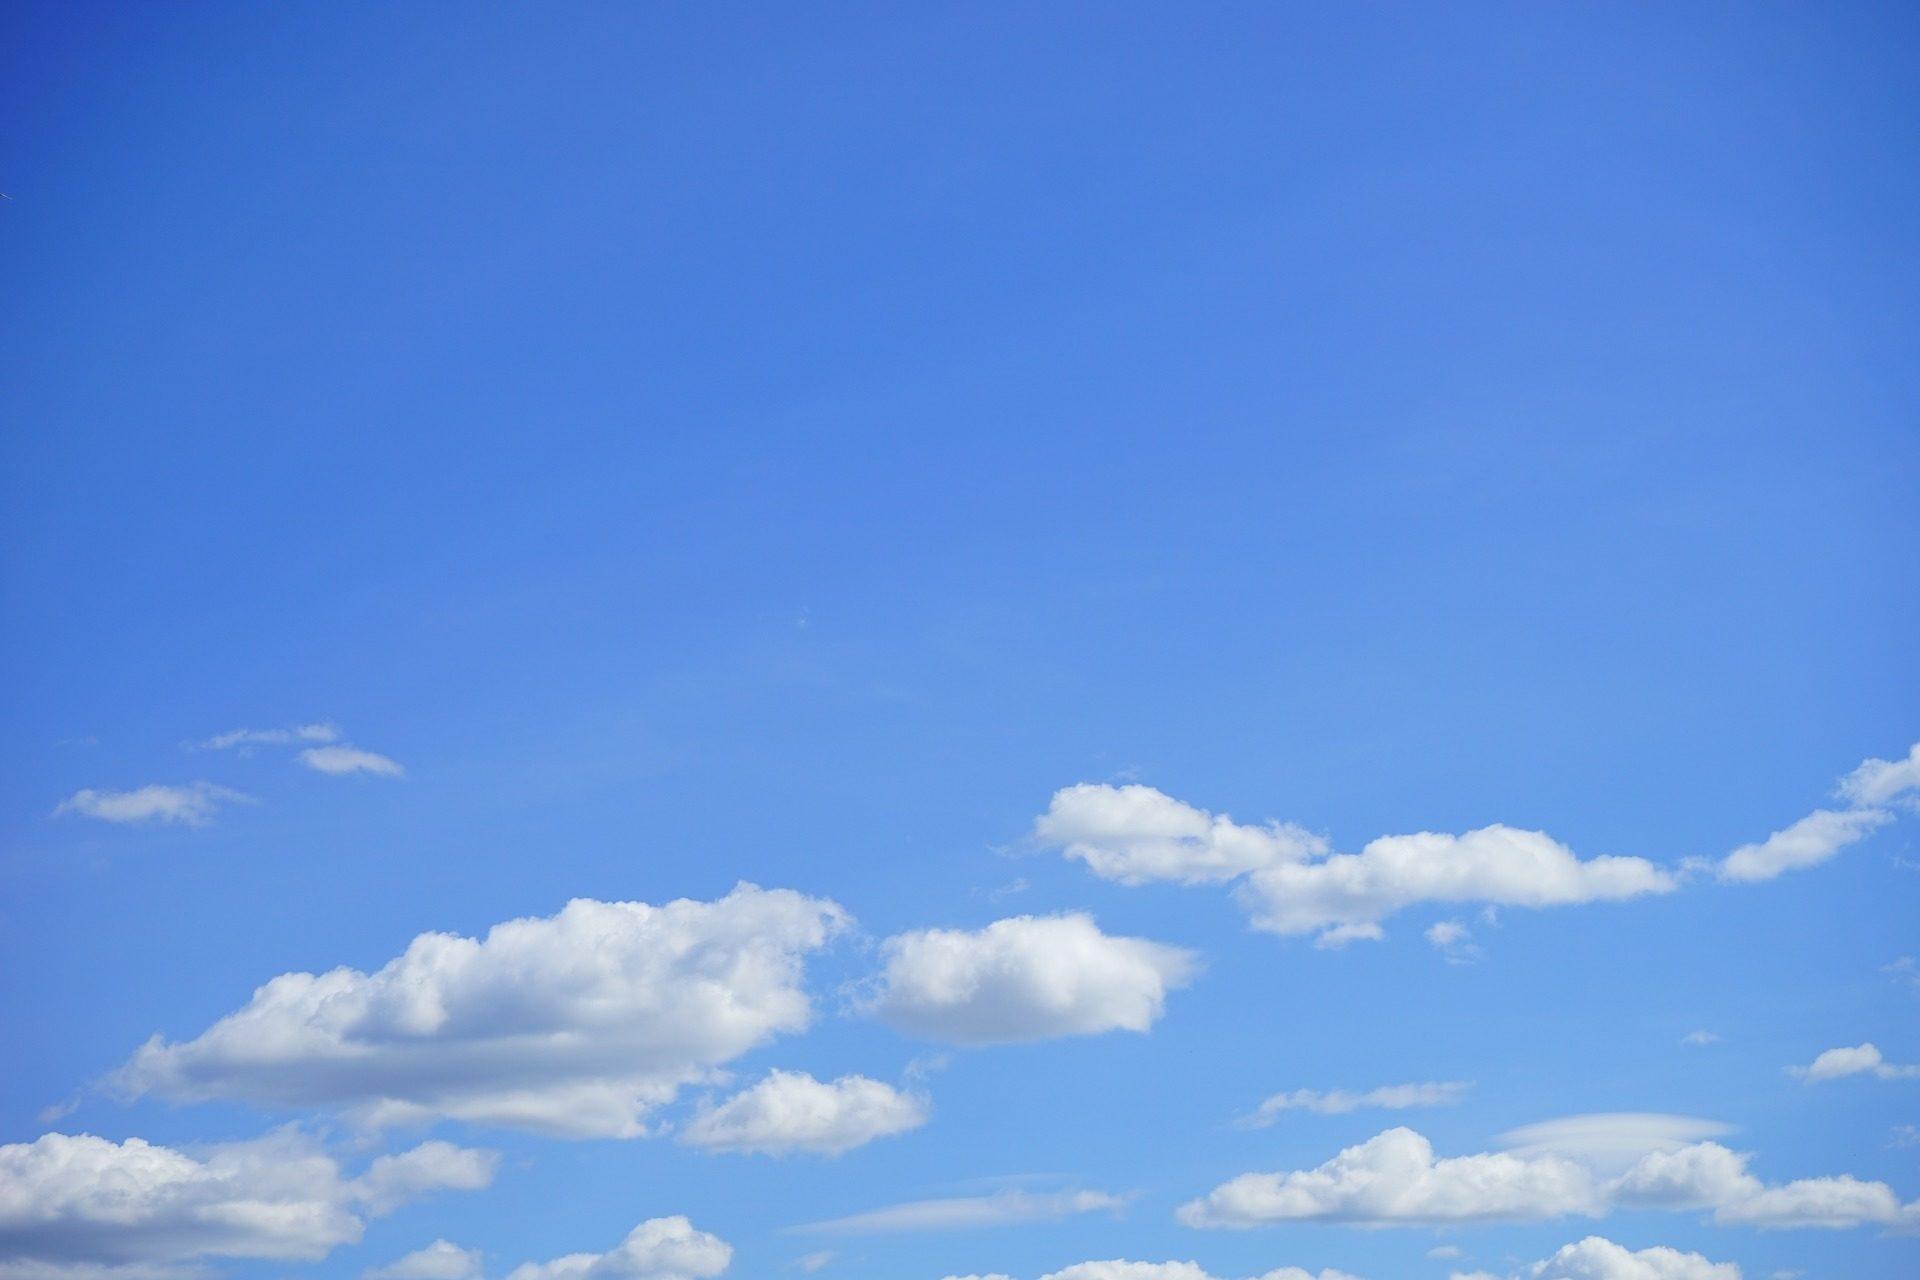 Nuvole cumuliformi